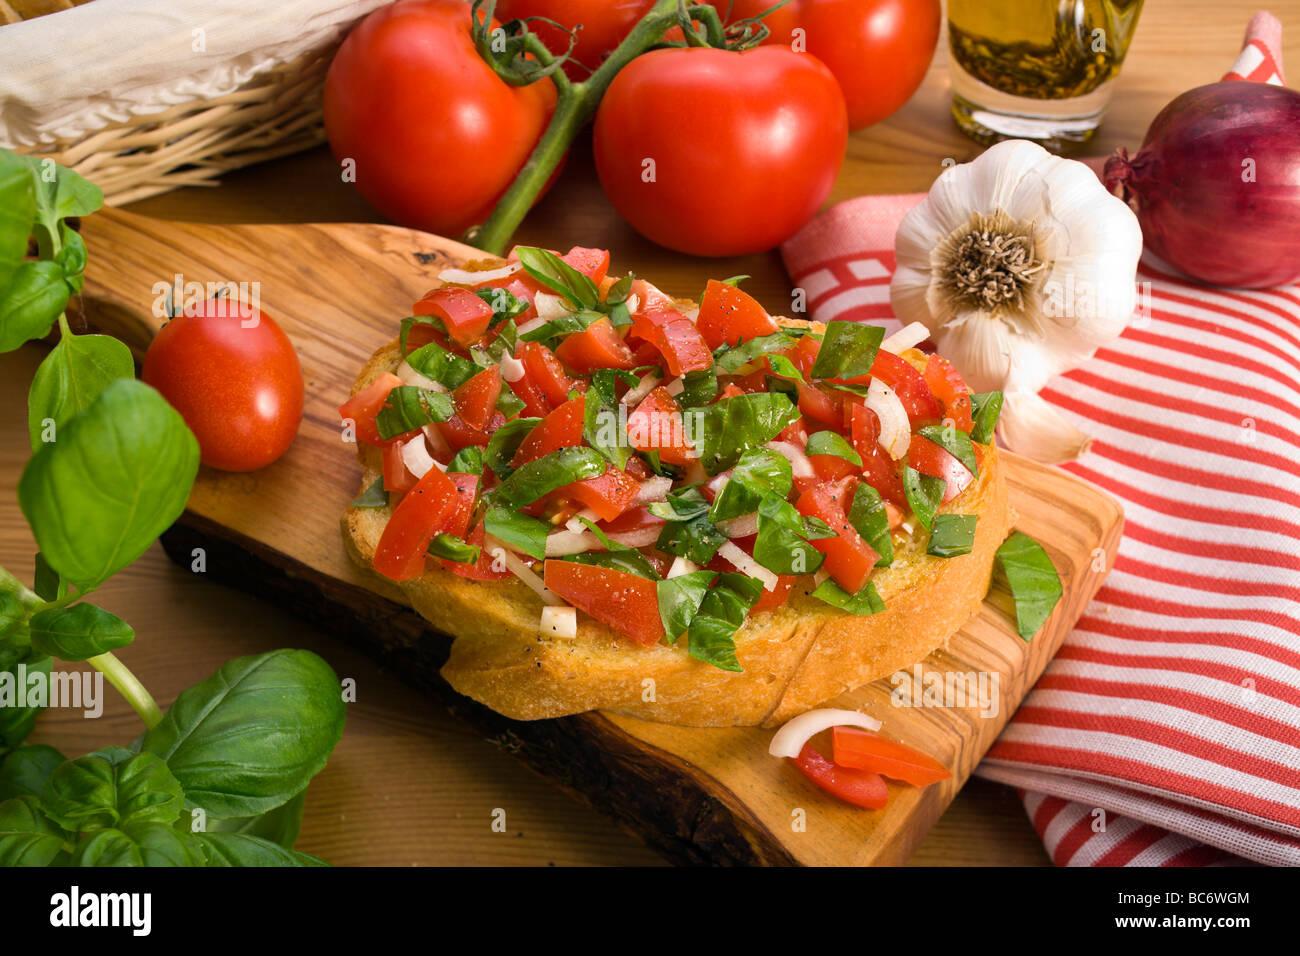 italienische Bruschetta-Brot serviert auf Oliven Holzbohle, verziert mit verschiedenen Zutaten Stockbild